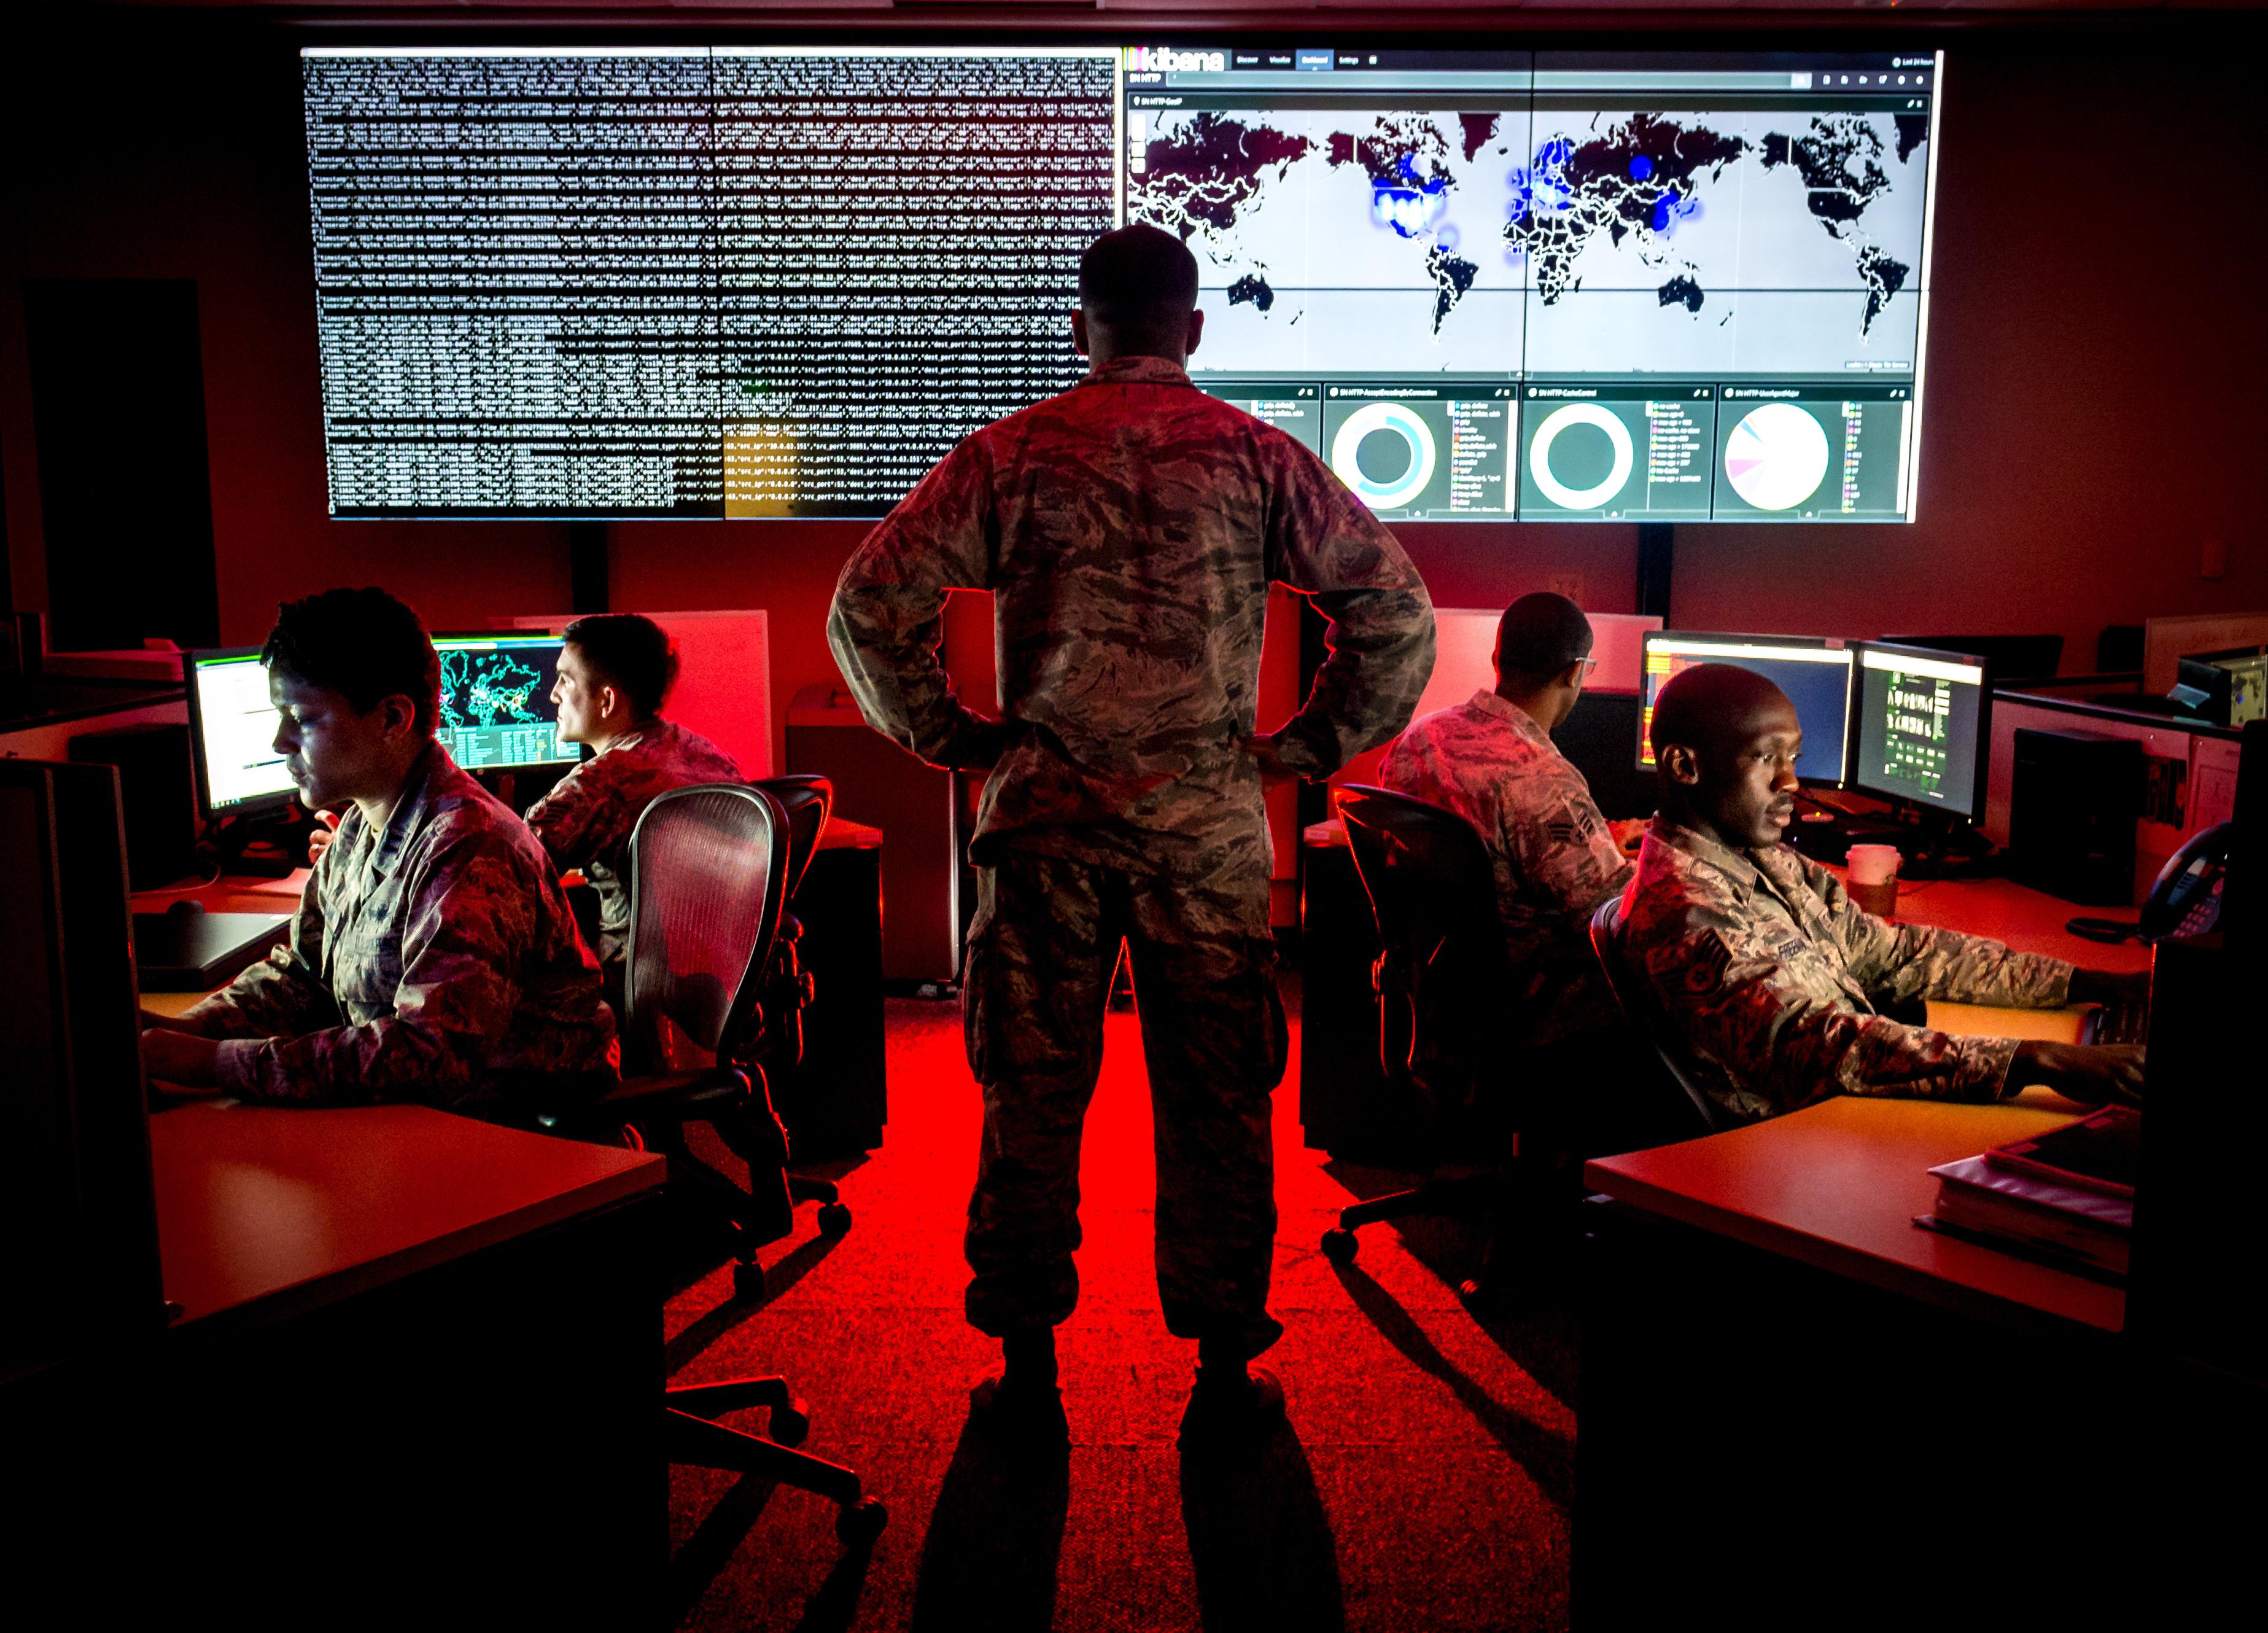 Госдеп США предложил хакерам в даркнете награду за информацию о группировках, атакующих США